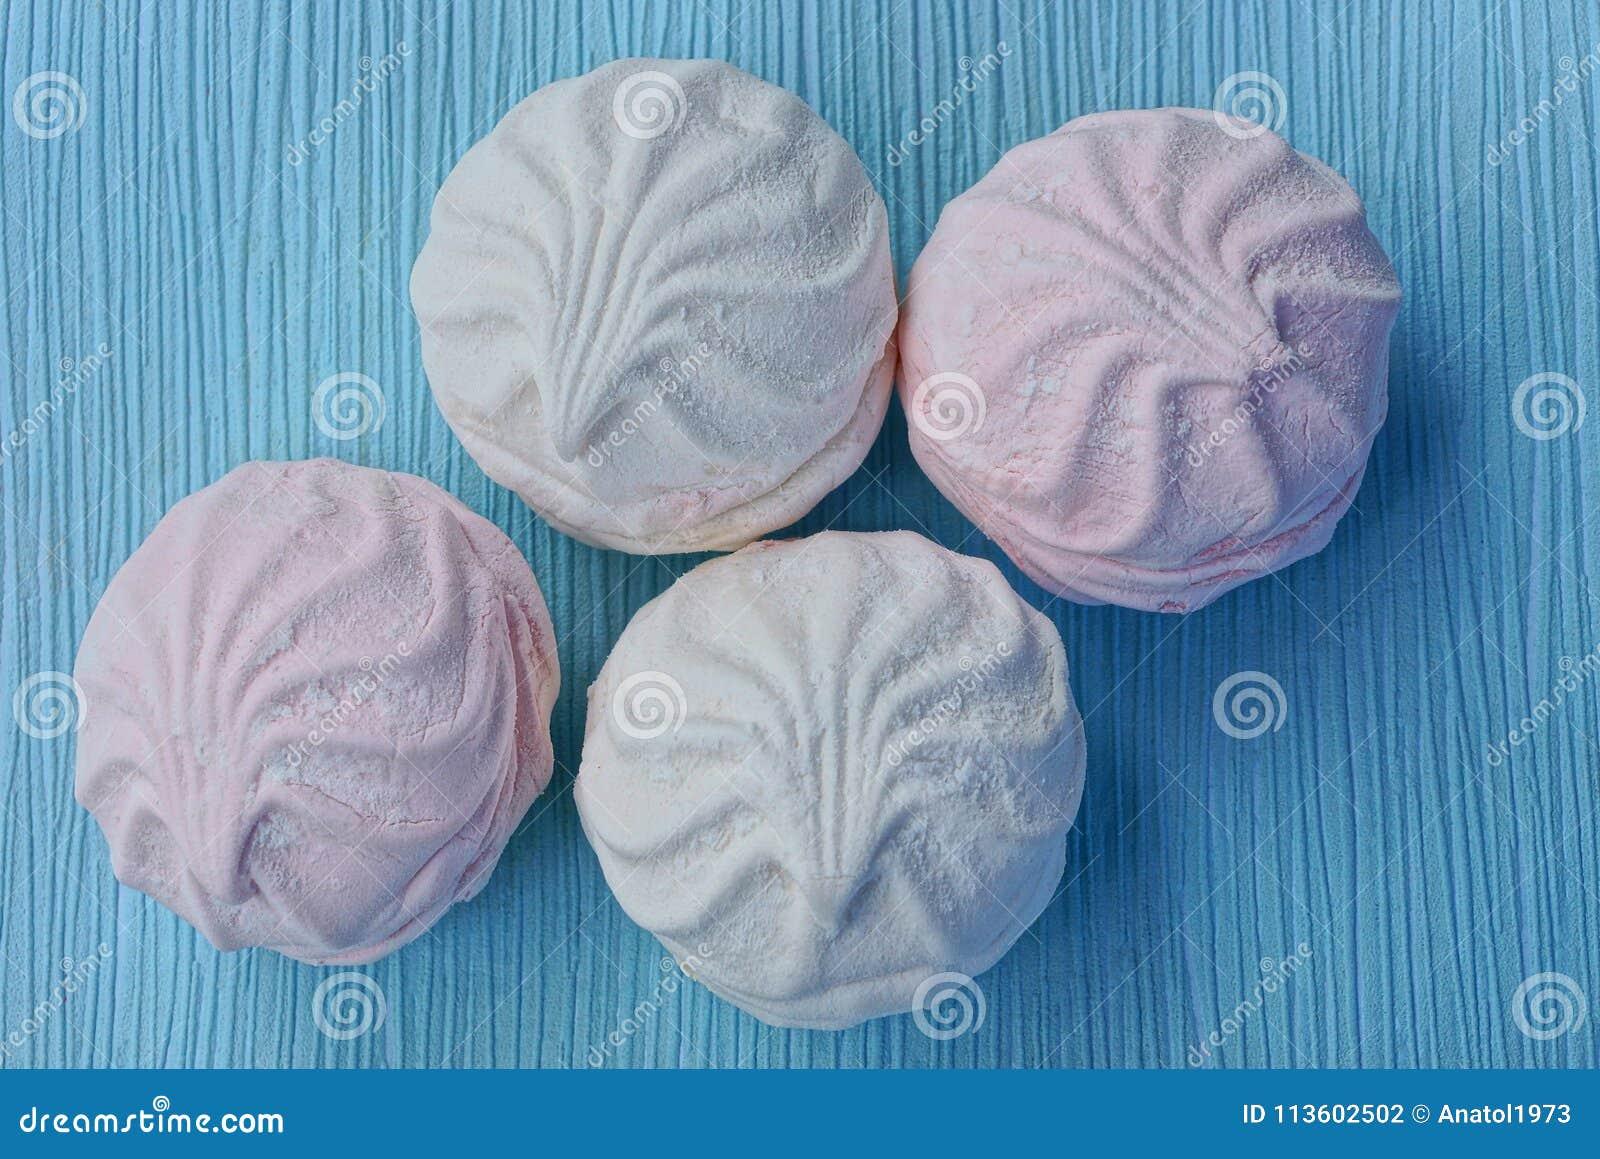 Melcochas rosadas blancas redondas en una tabla azul